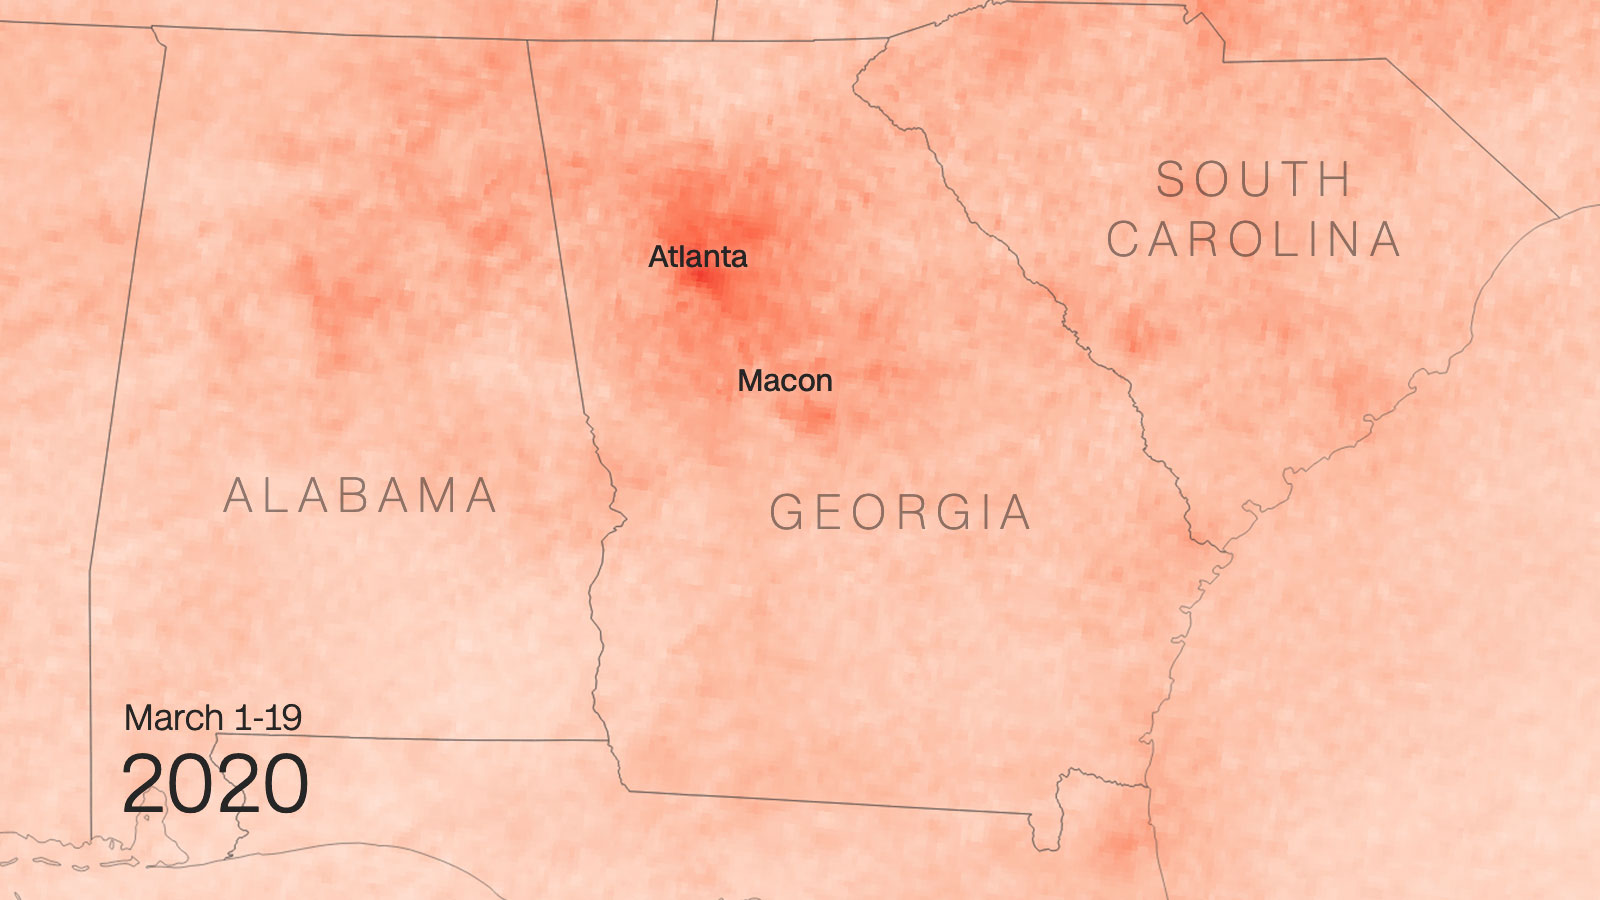 So sánh nồng độ NO2 ở Georgia trước và sau Covid-19 - Ảnh tháng 3 năm 2020